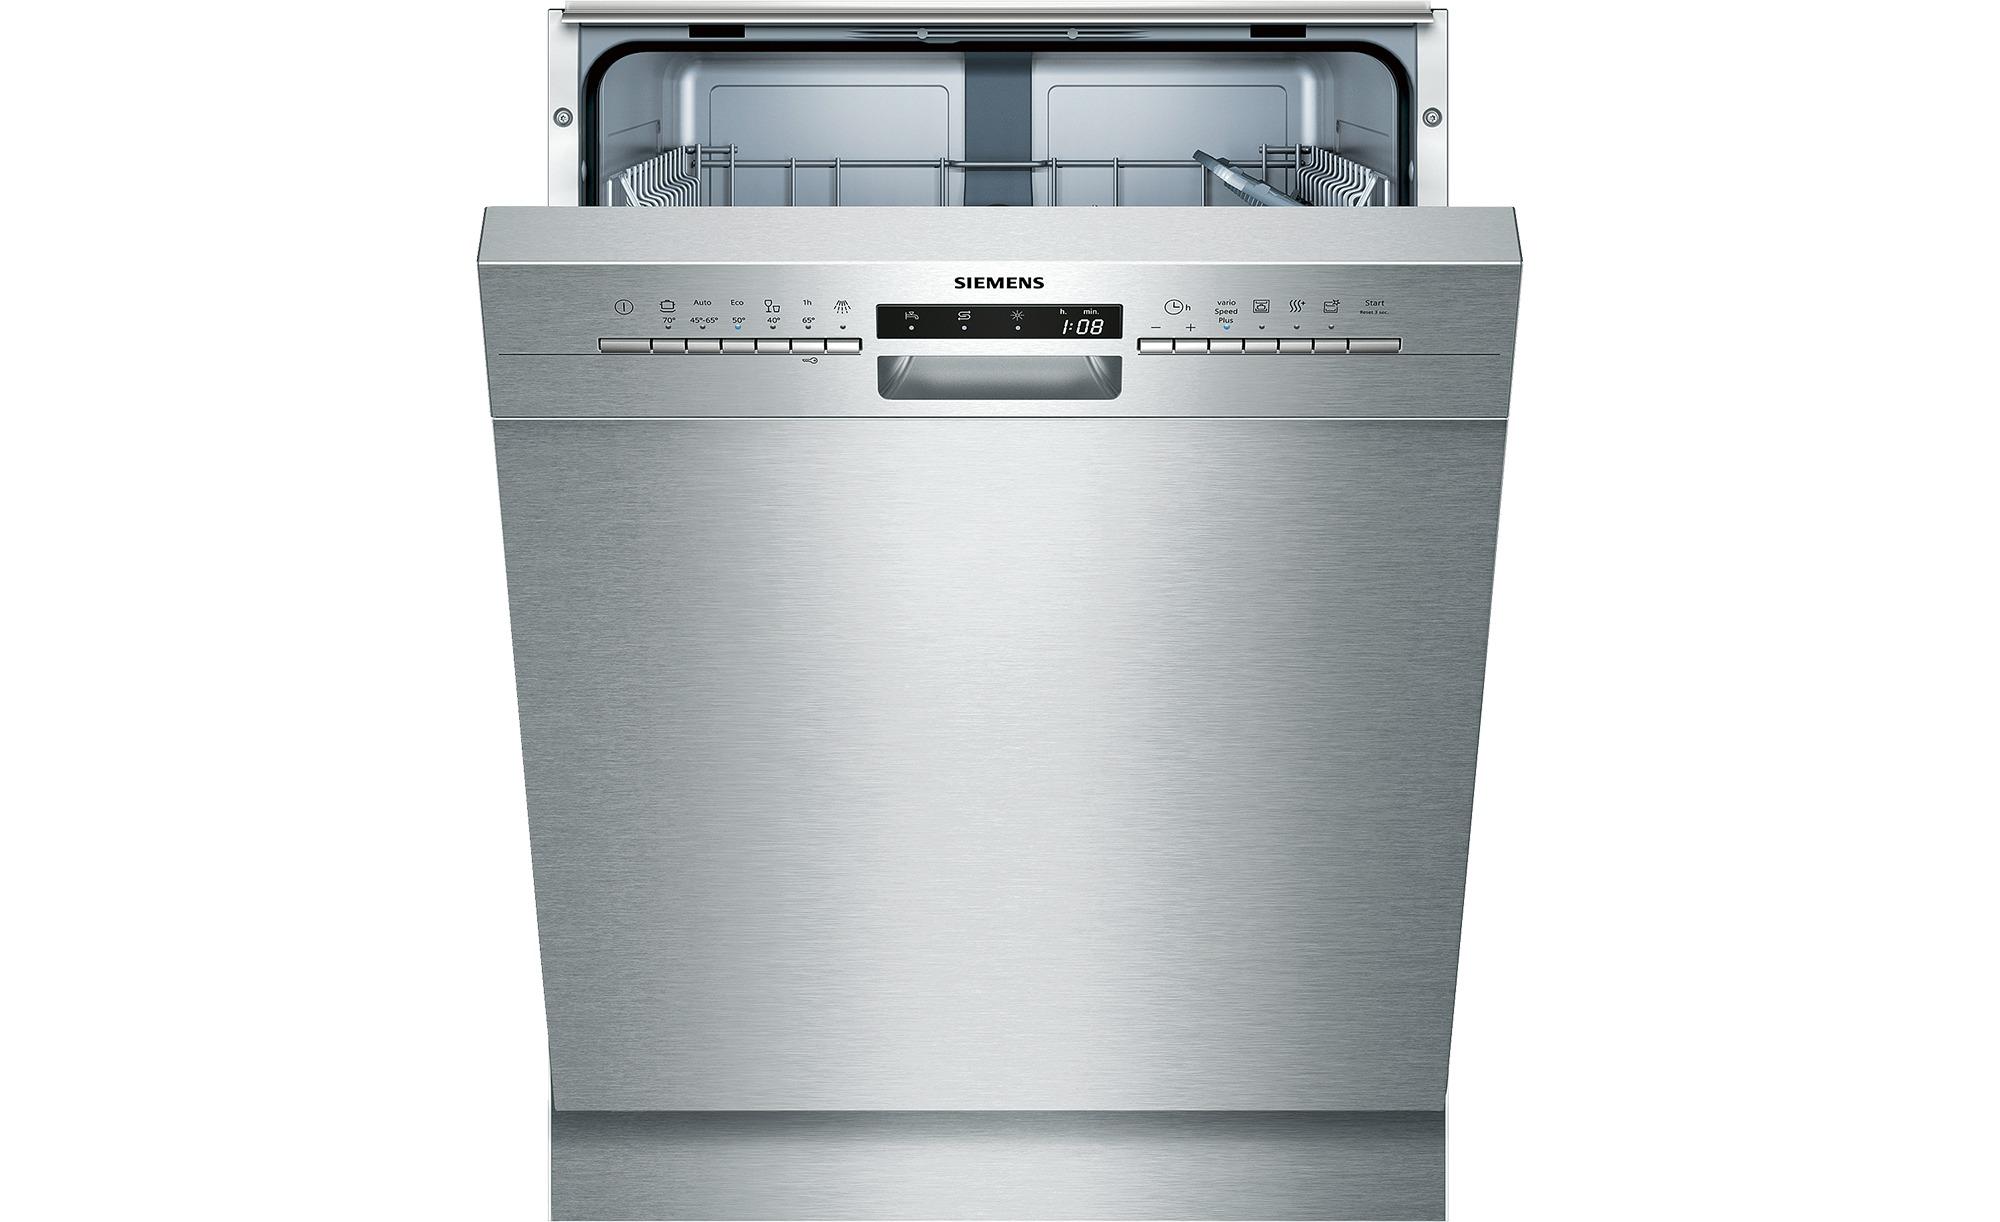 Siemens Unterbau Kühlschrank : Siemens unterbau gesschirrspüler sn s ge